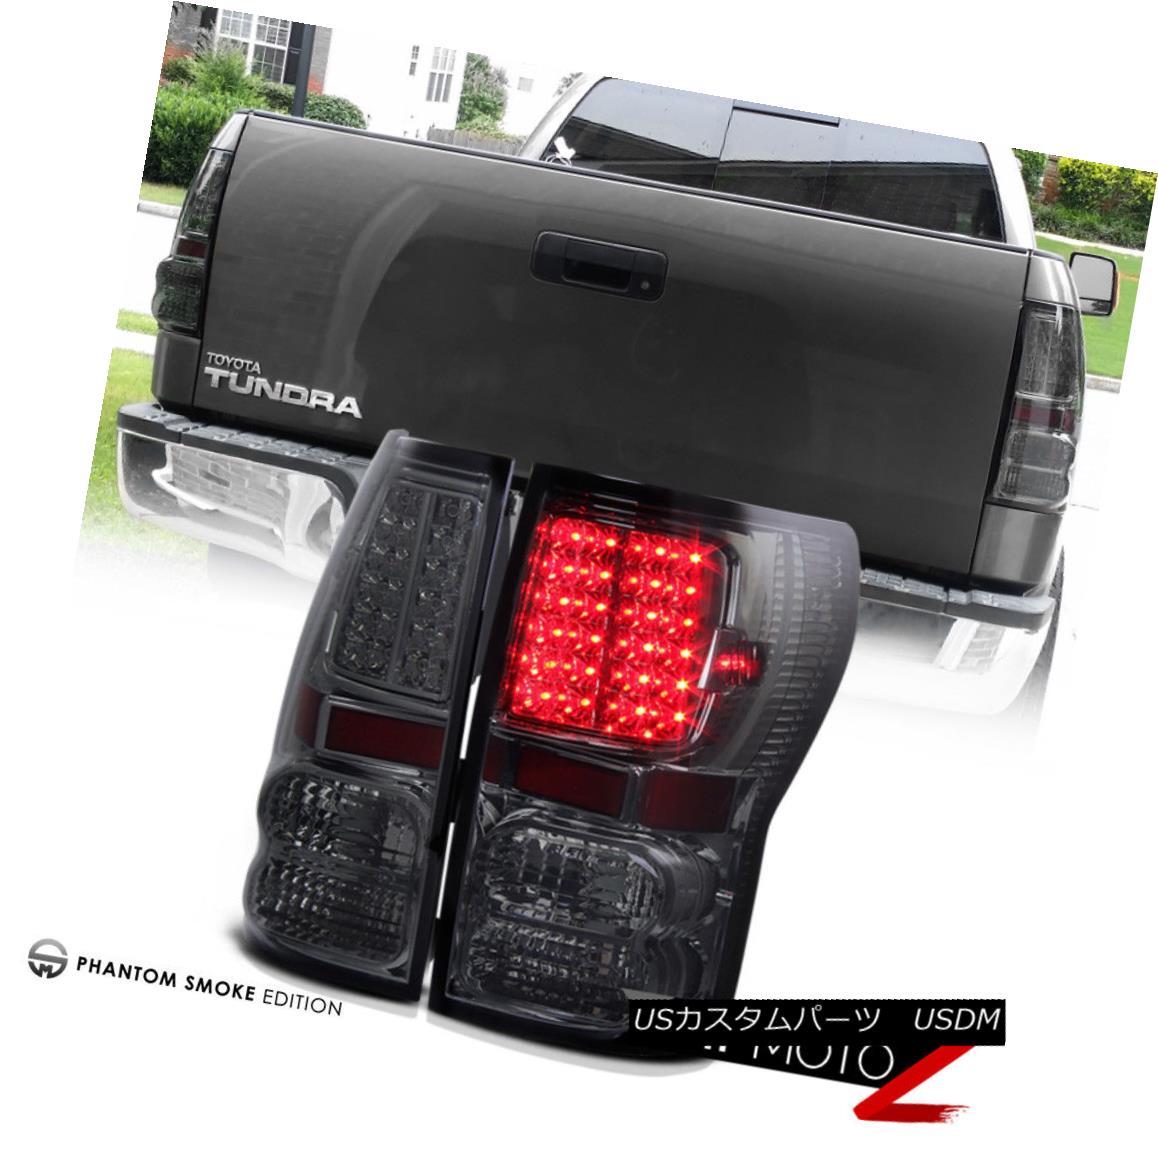 テールライト [SMOKE] 2007-2013 Toyota Tundra LED SMD Rear Brake Lamp Tail Lights Assembly SET [SMOKE] 2007-2013 Toyota Tundra LED SMDリアブレーキランプテールライトアセンブリセット